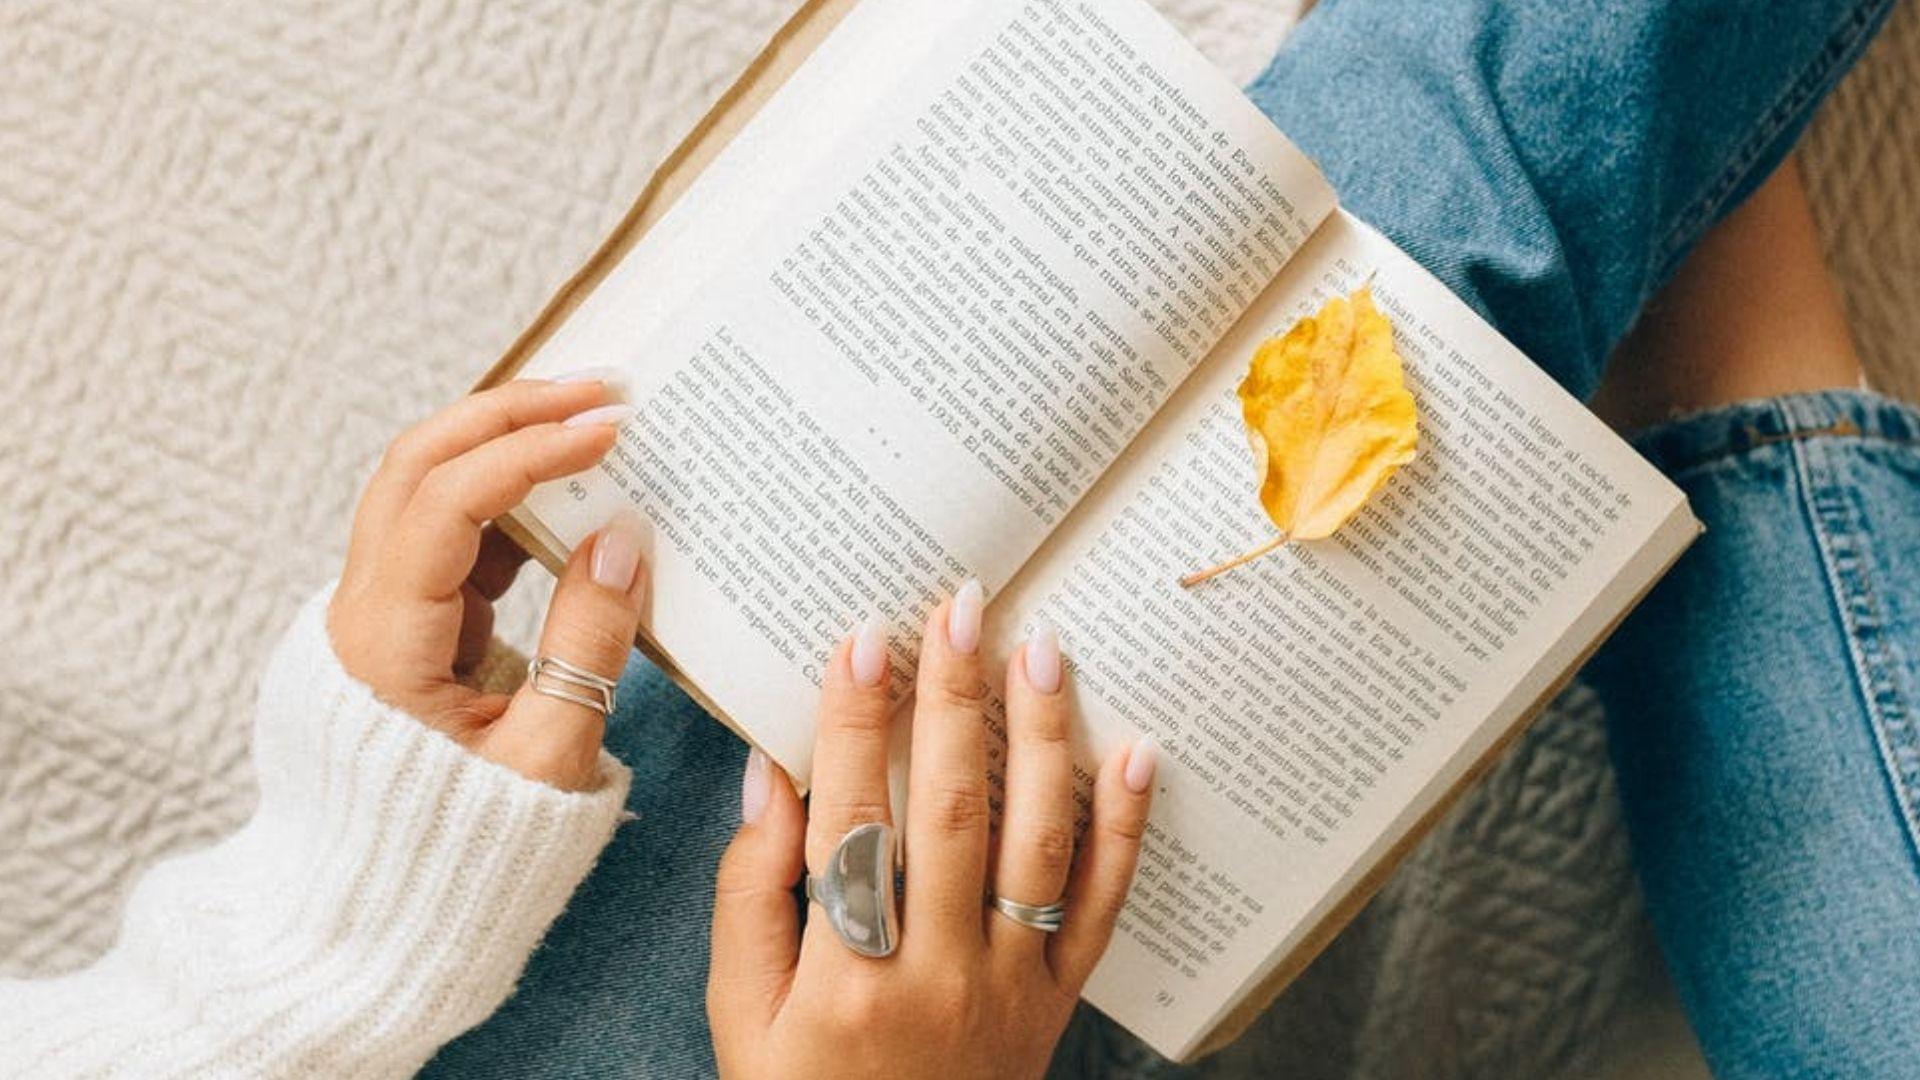 Дівчина читає книжку